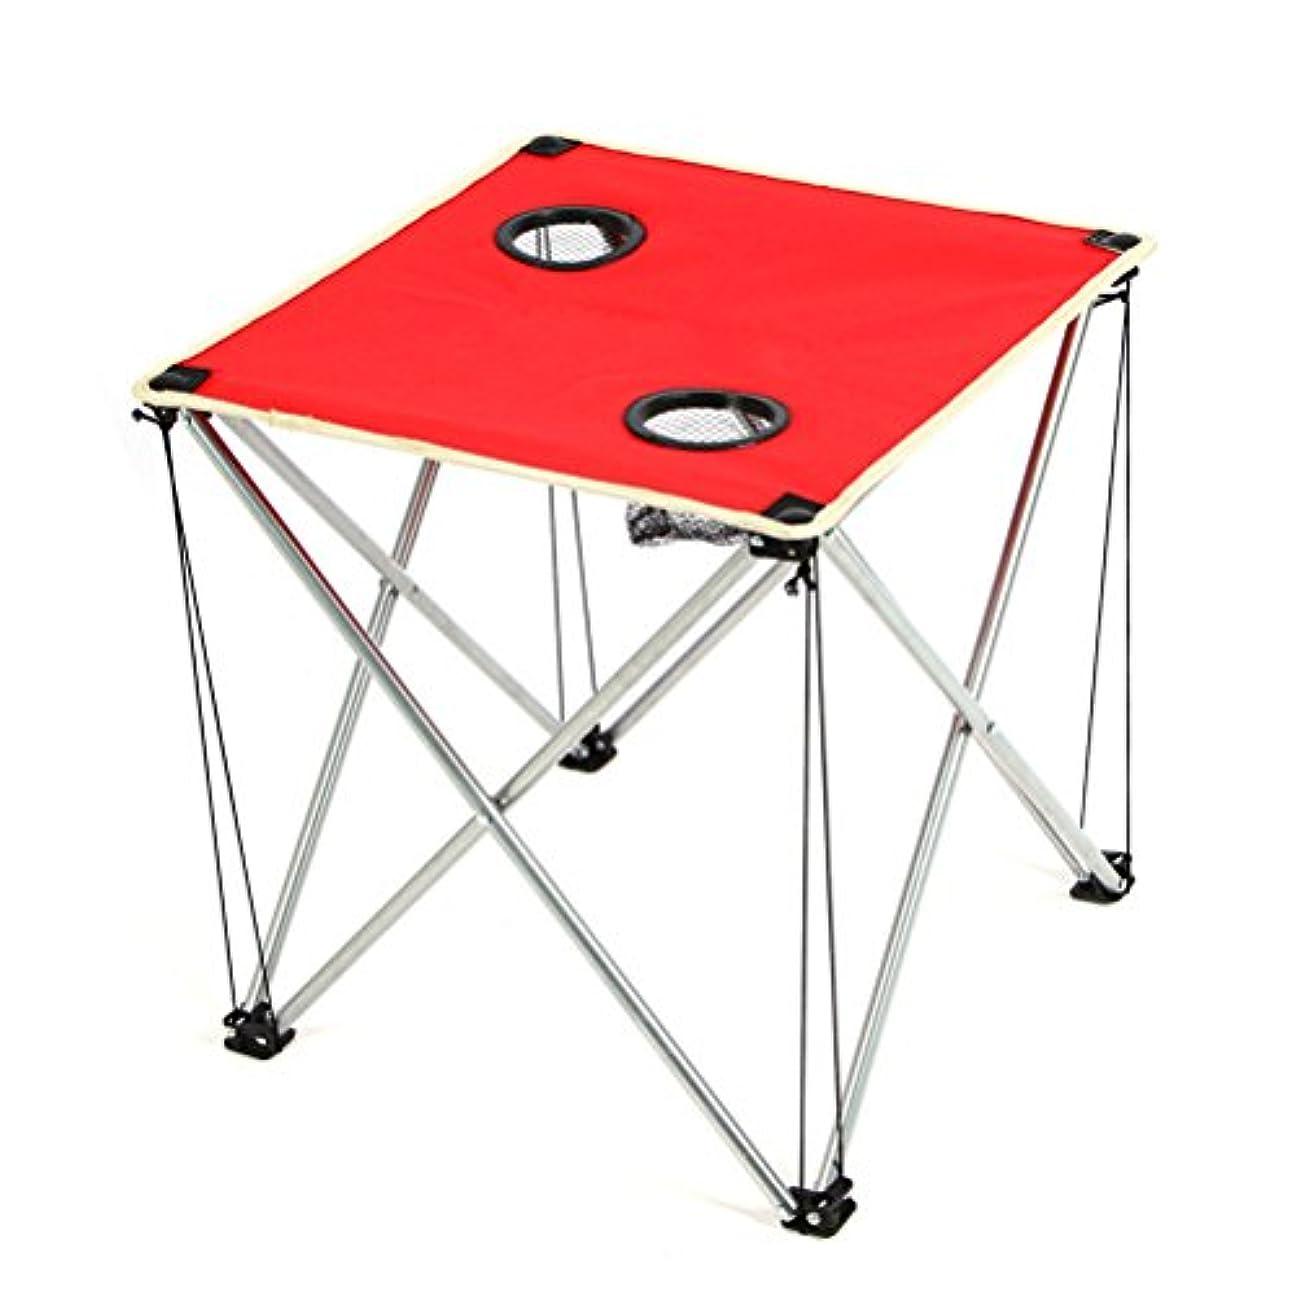 WINOMO折りたたみ式キャンプピクニックテーブル軽量テーブルのキャンプビーチアウトドア(レッド)